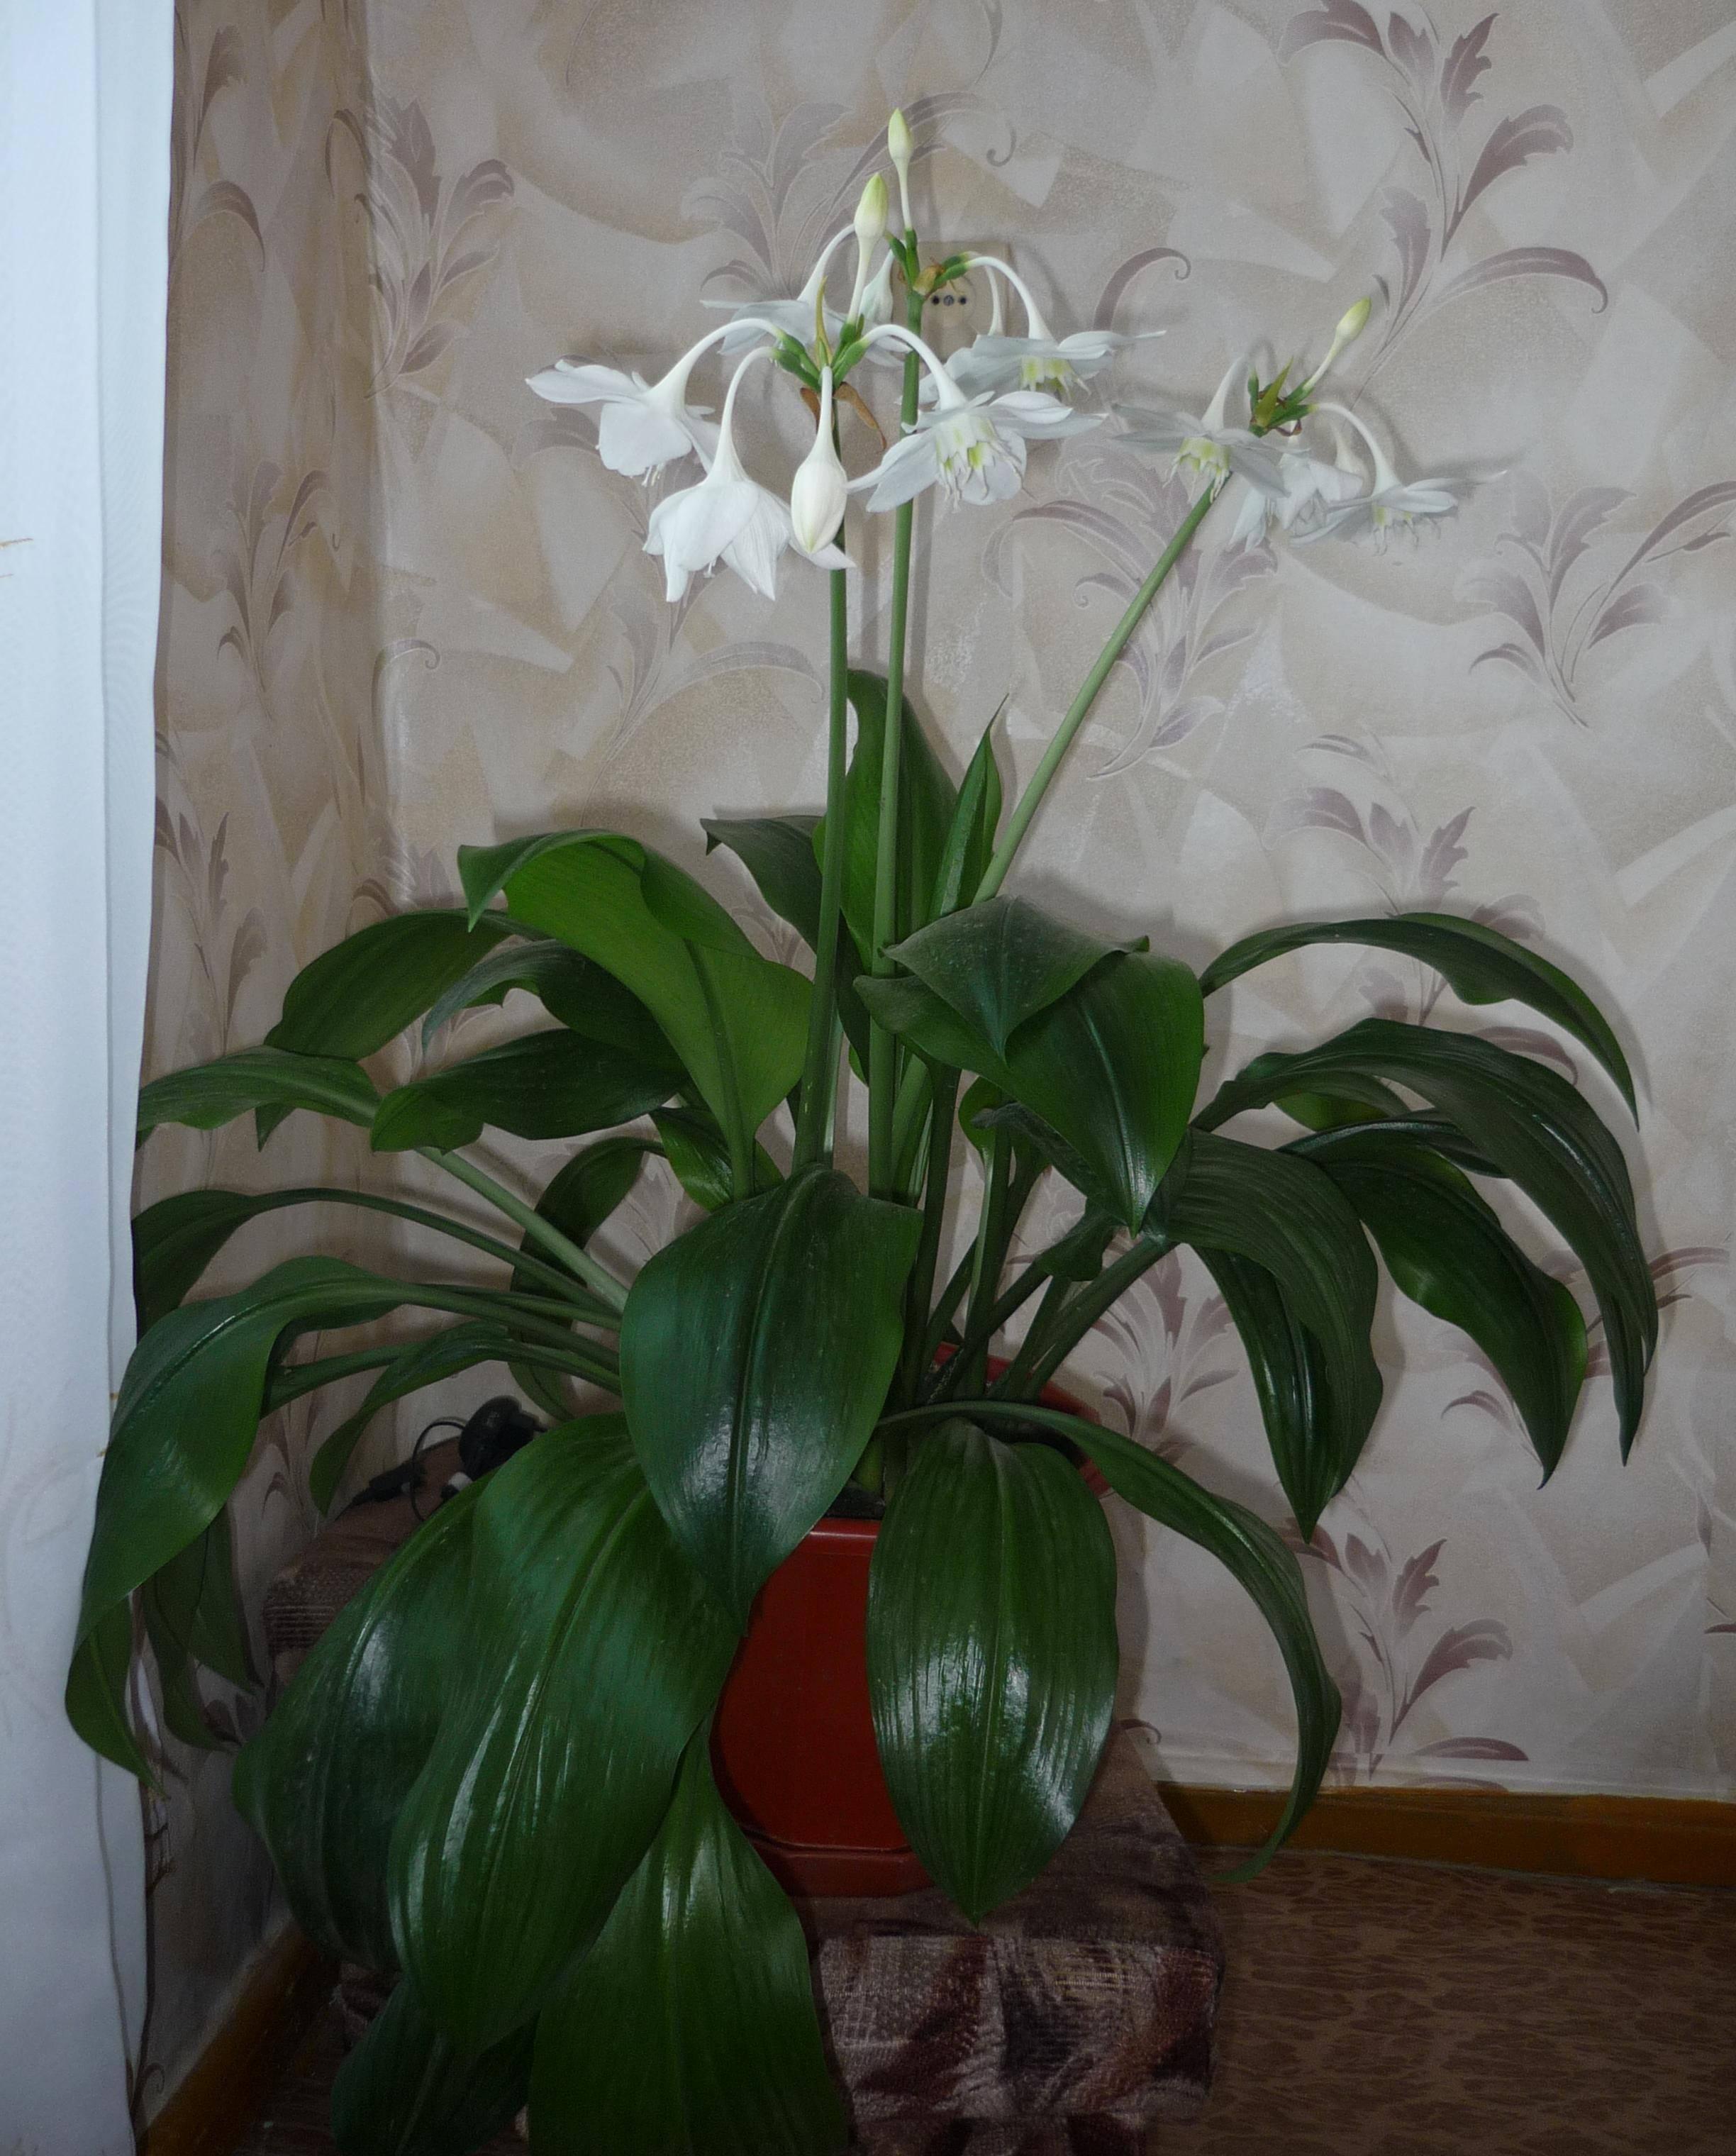 Уход за амазонской лилией в домашних условиях: как цветет эухарис, пересадка